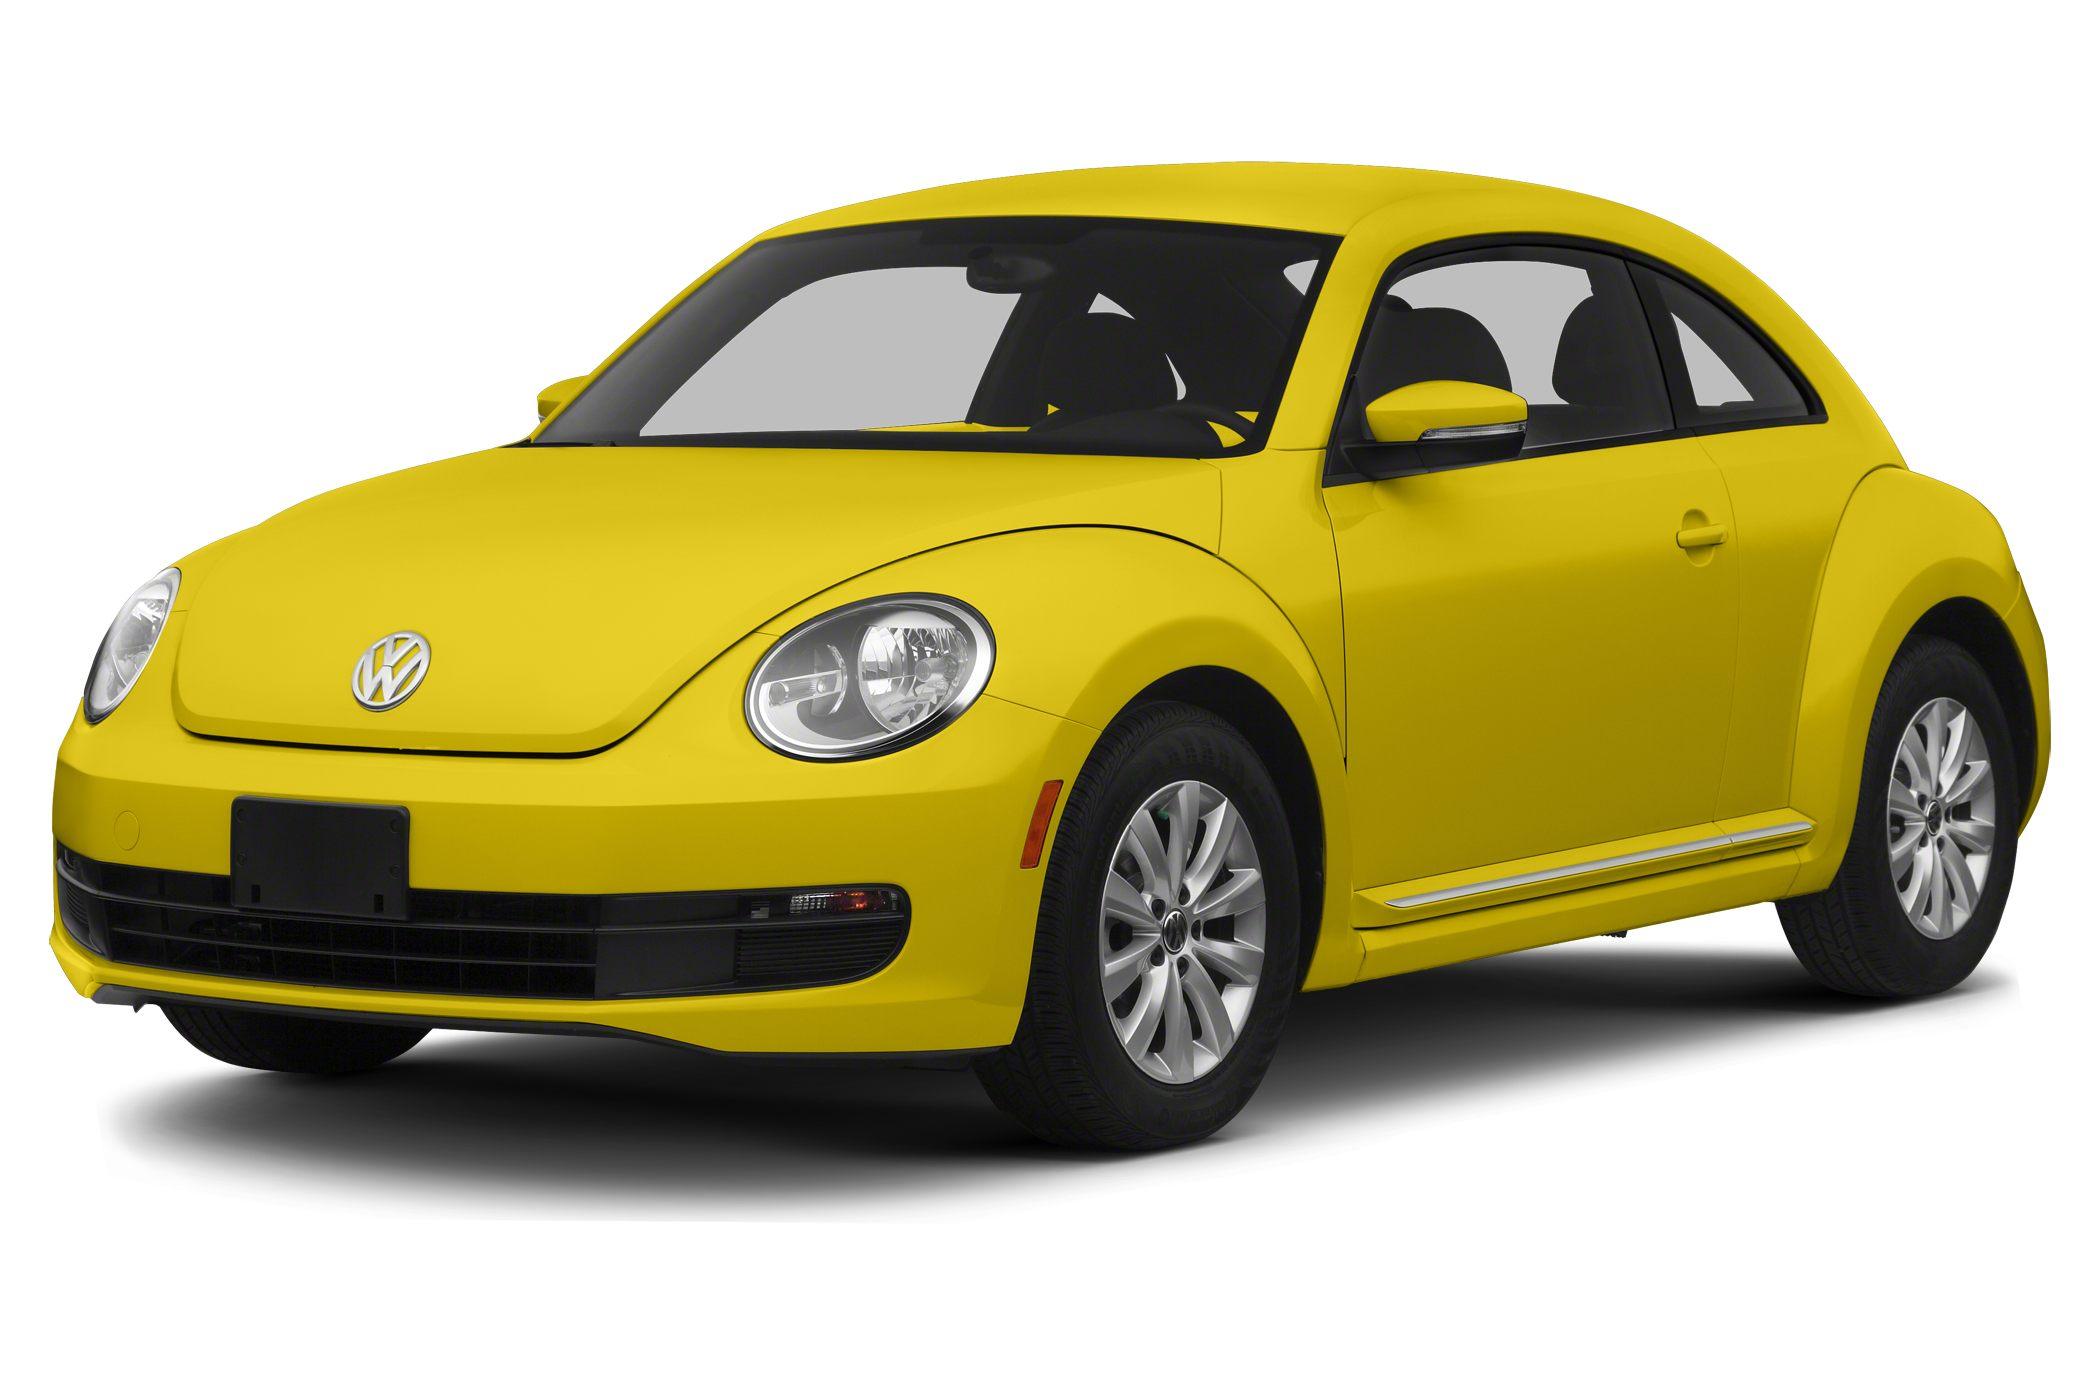 2013 Volkswagen Beetle Specs and Prices